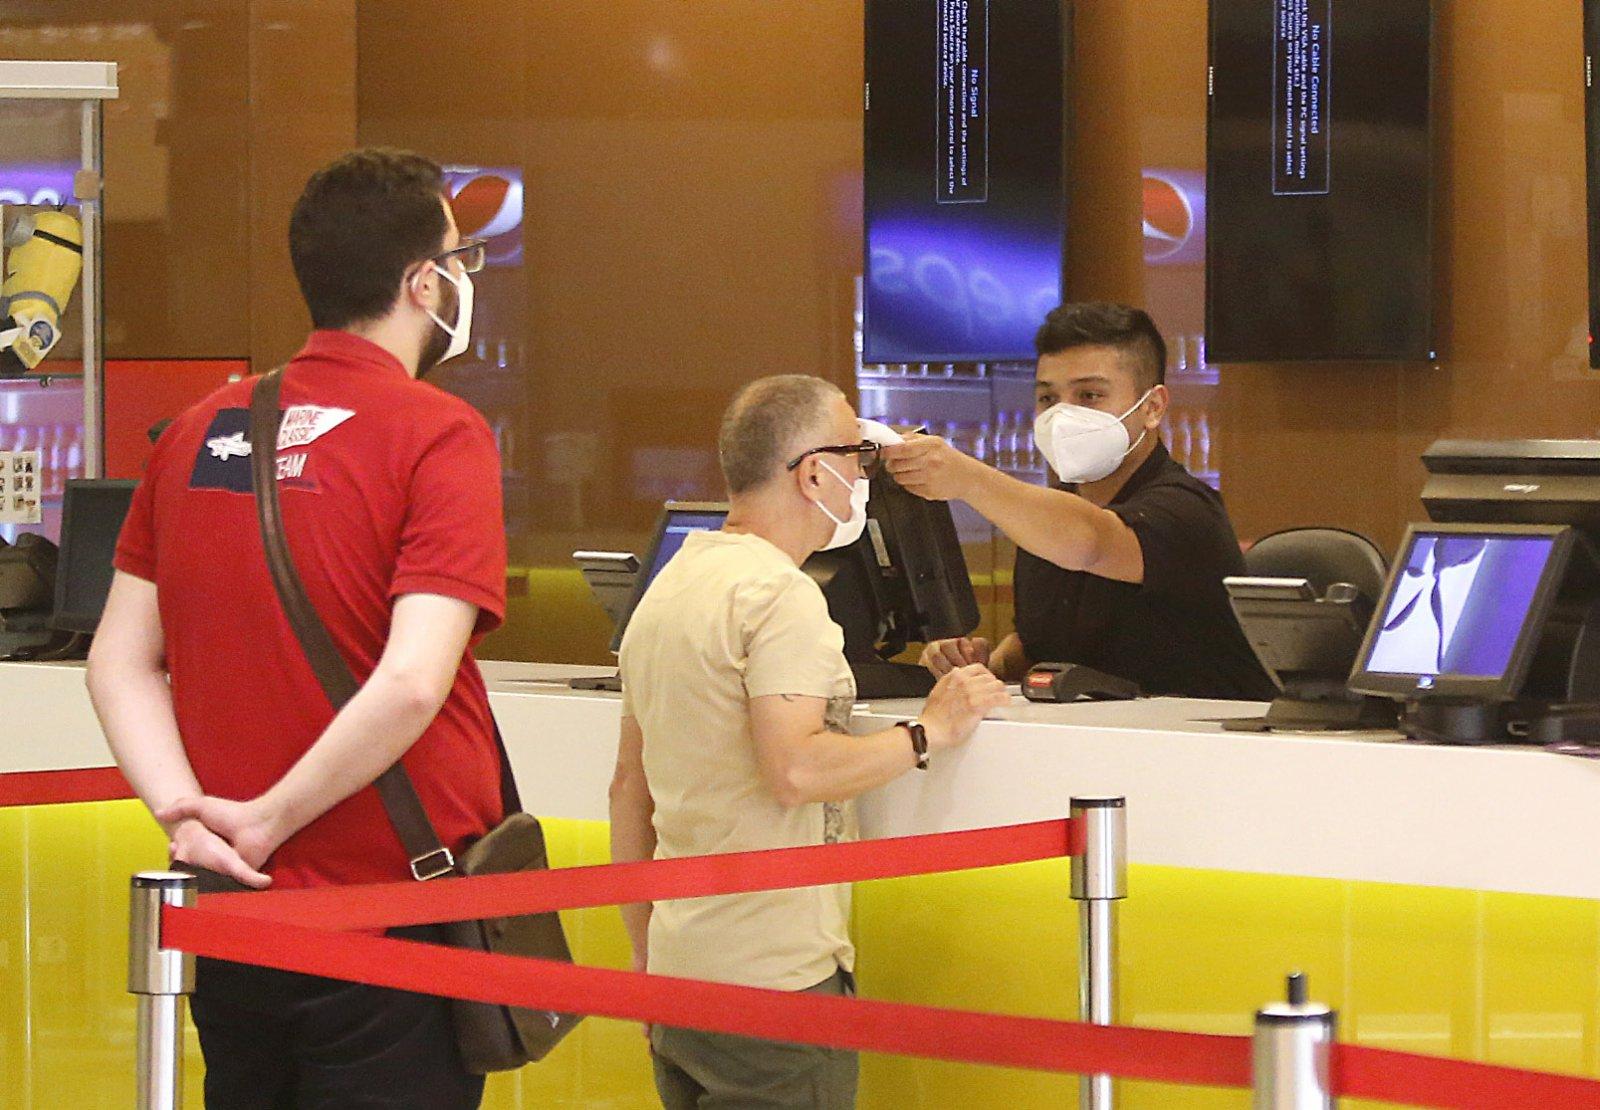 6月2日,一名男子在黎巴嫩貝魯特的一家電影院接受體溫檢測。(新華社)